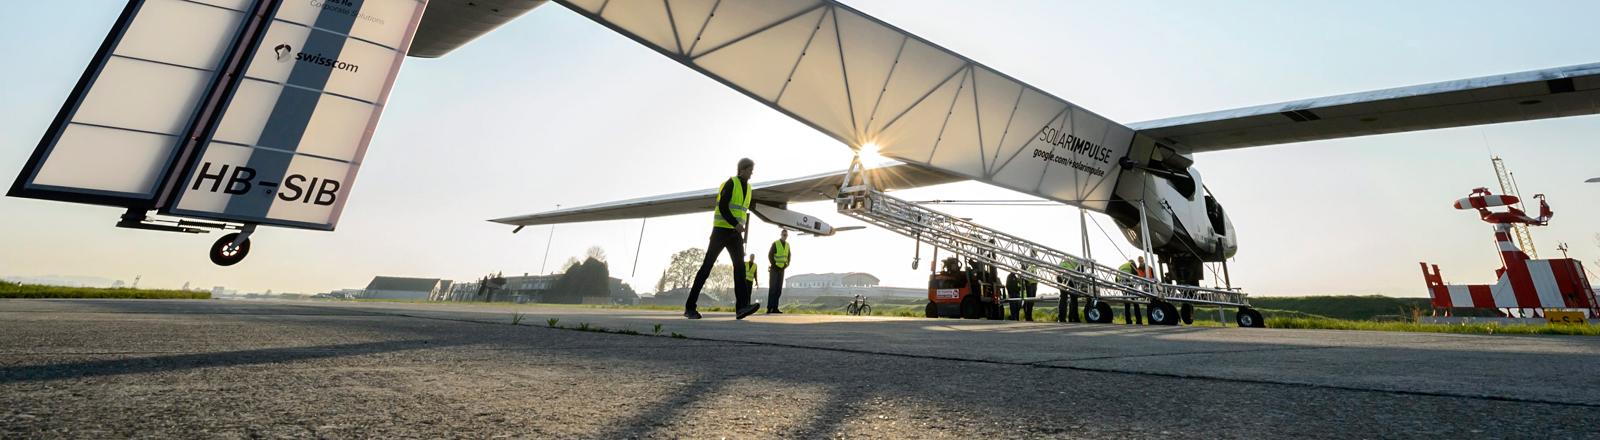 Das Solarflugzeug steht am Flughafen, die Sonne scheint durch die Rumpf hindurch, Techniker laufen herum; Bild: dpa